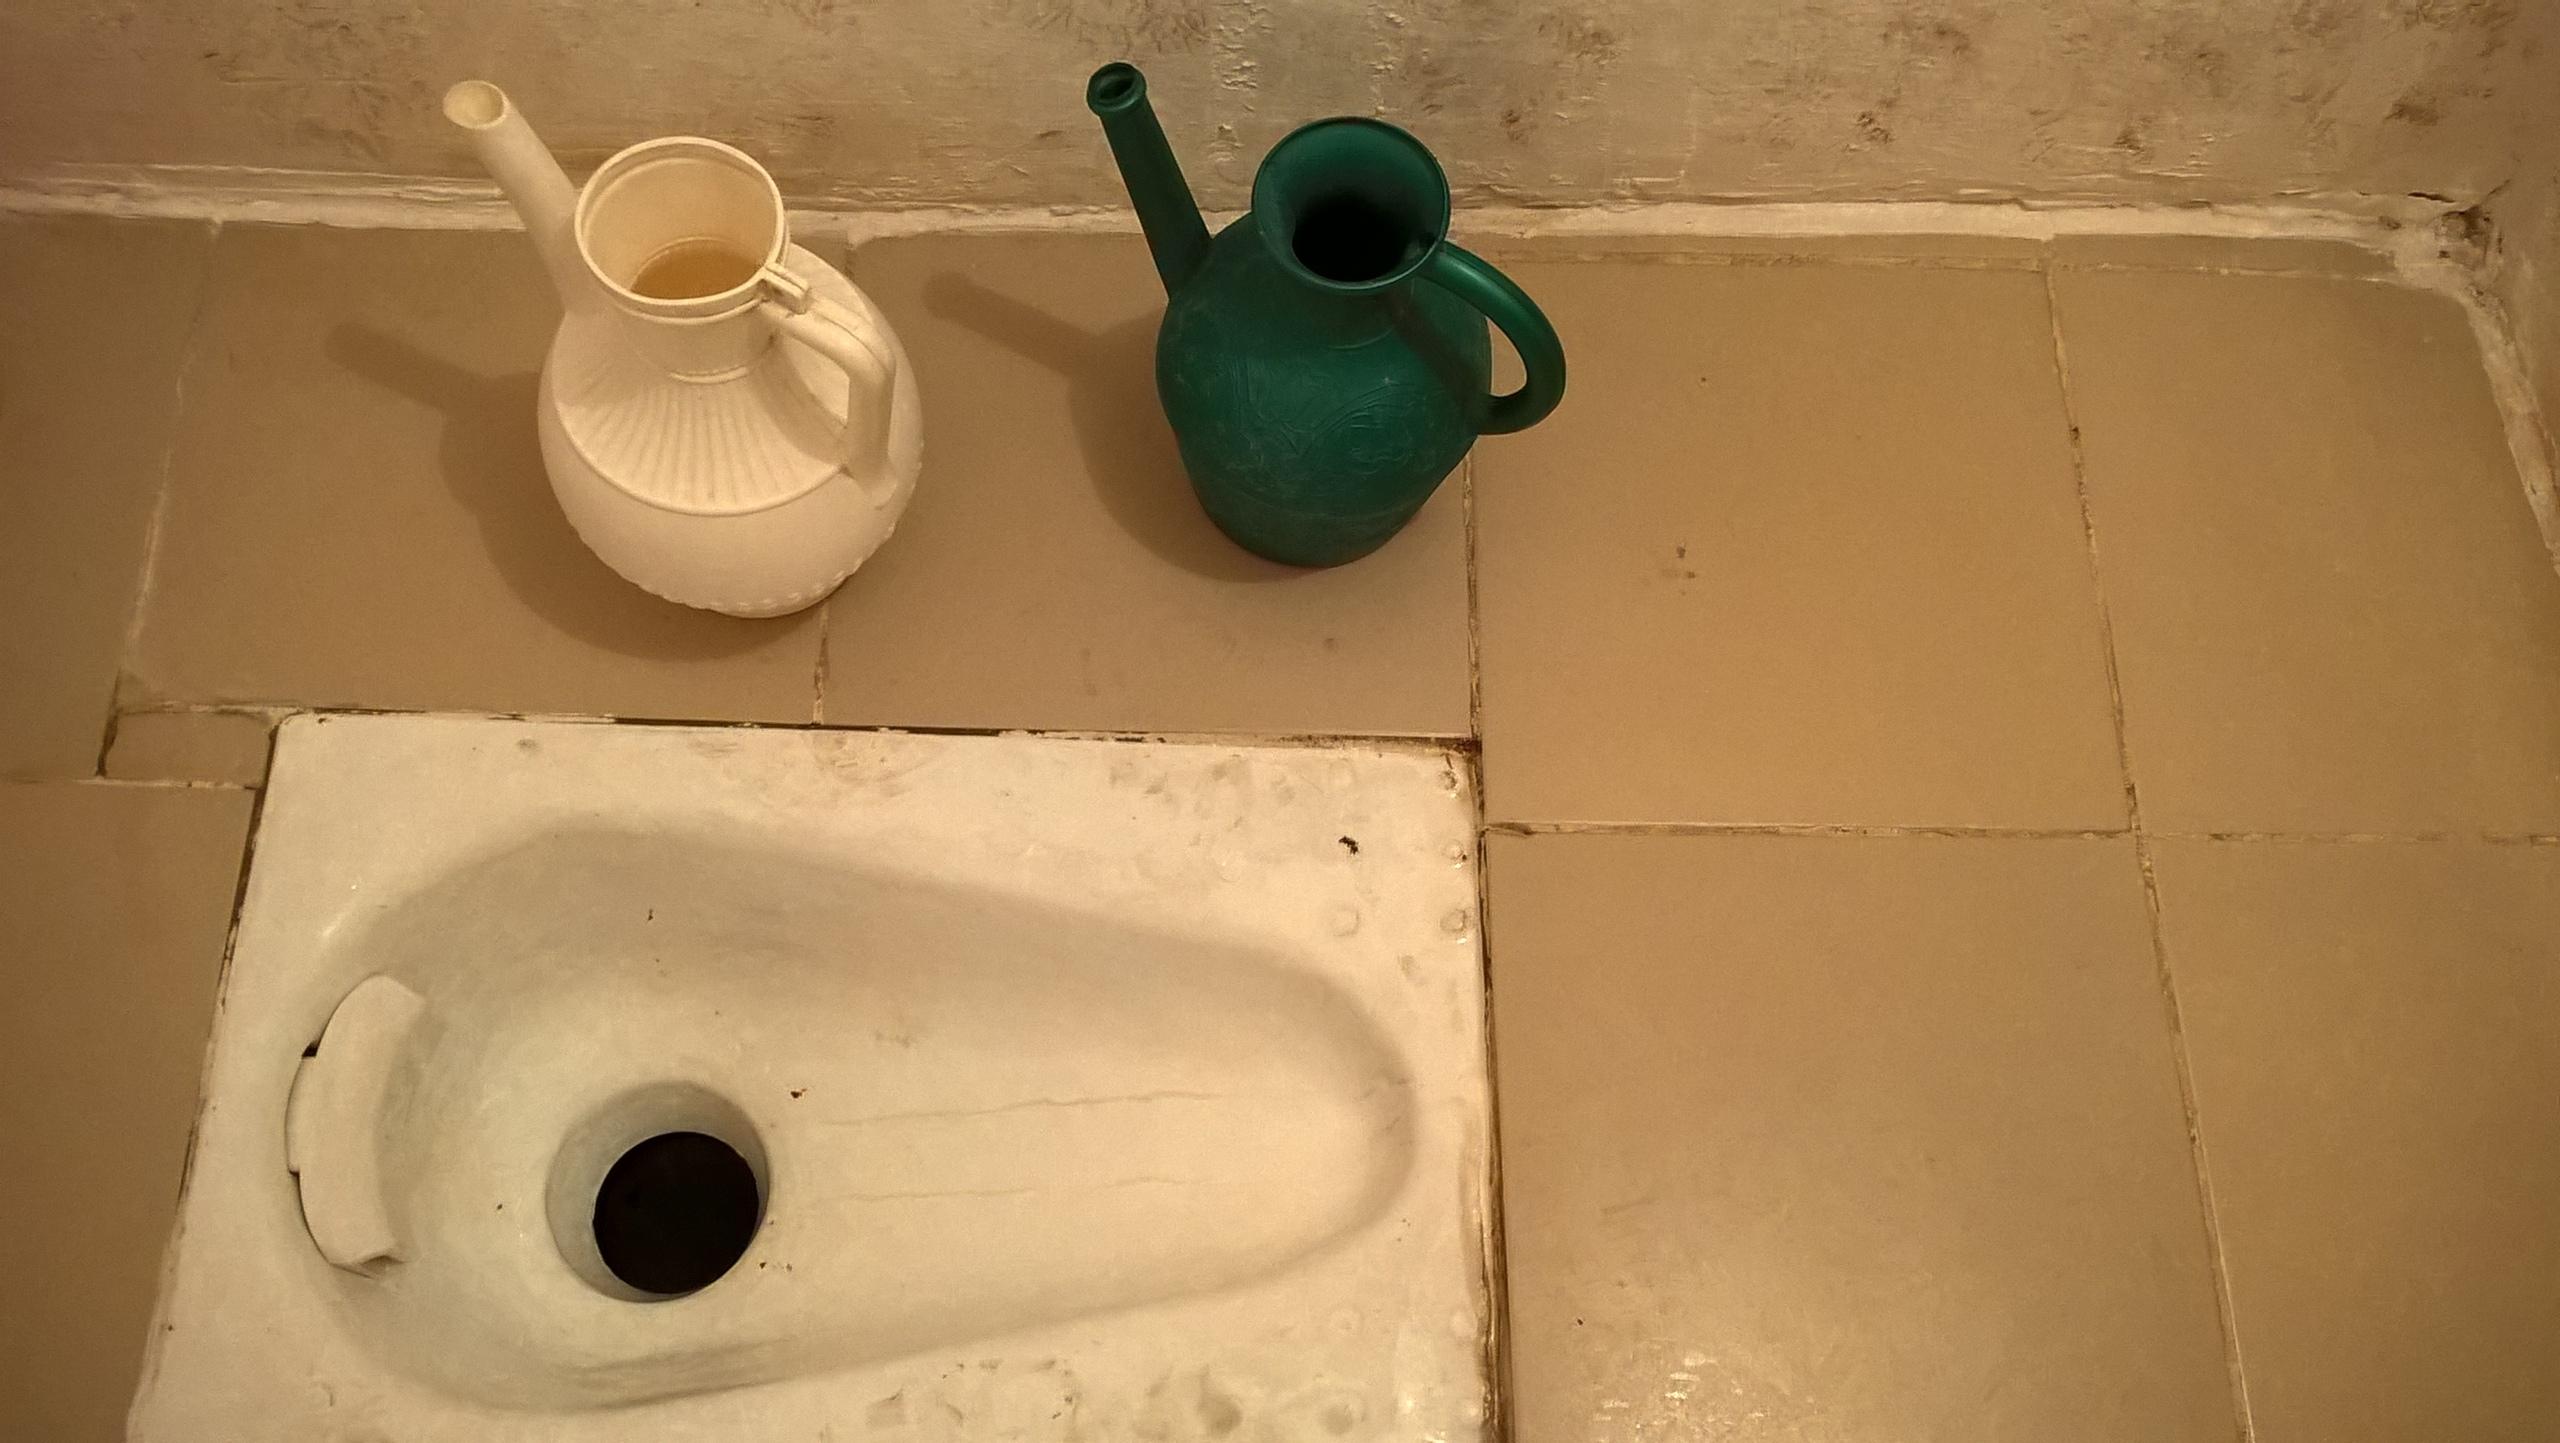 Типичный туалет в мусульманском доме